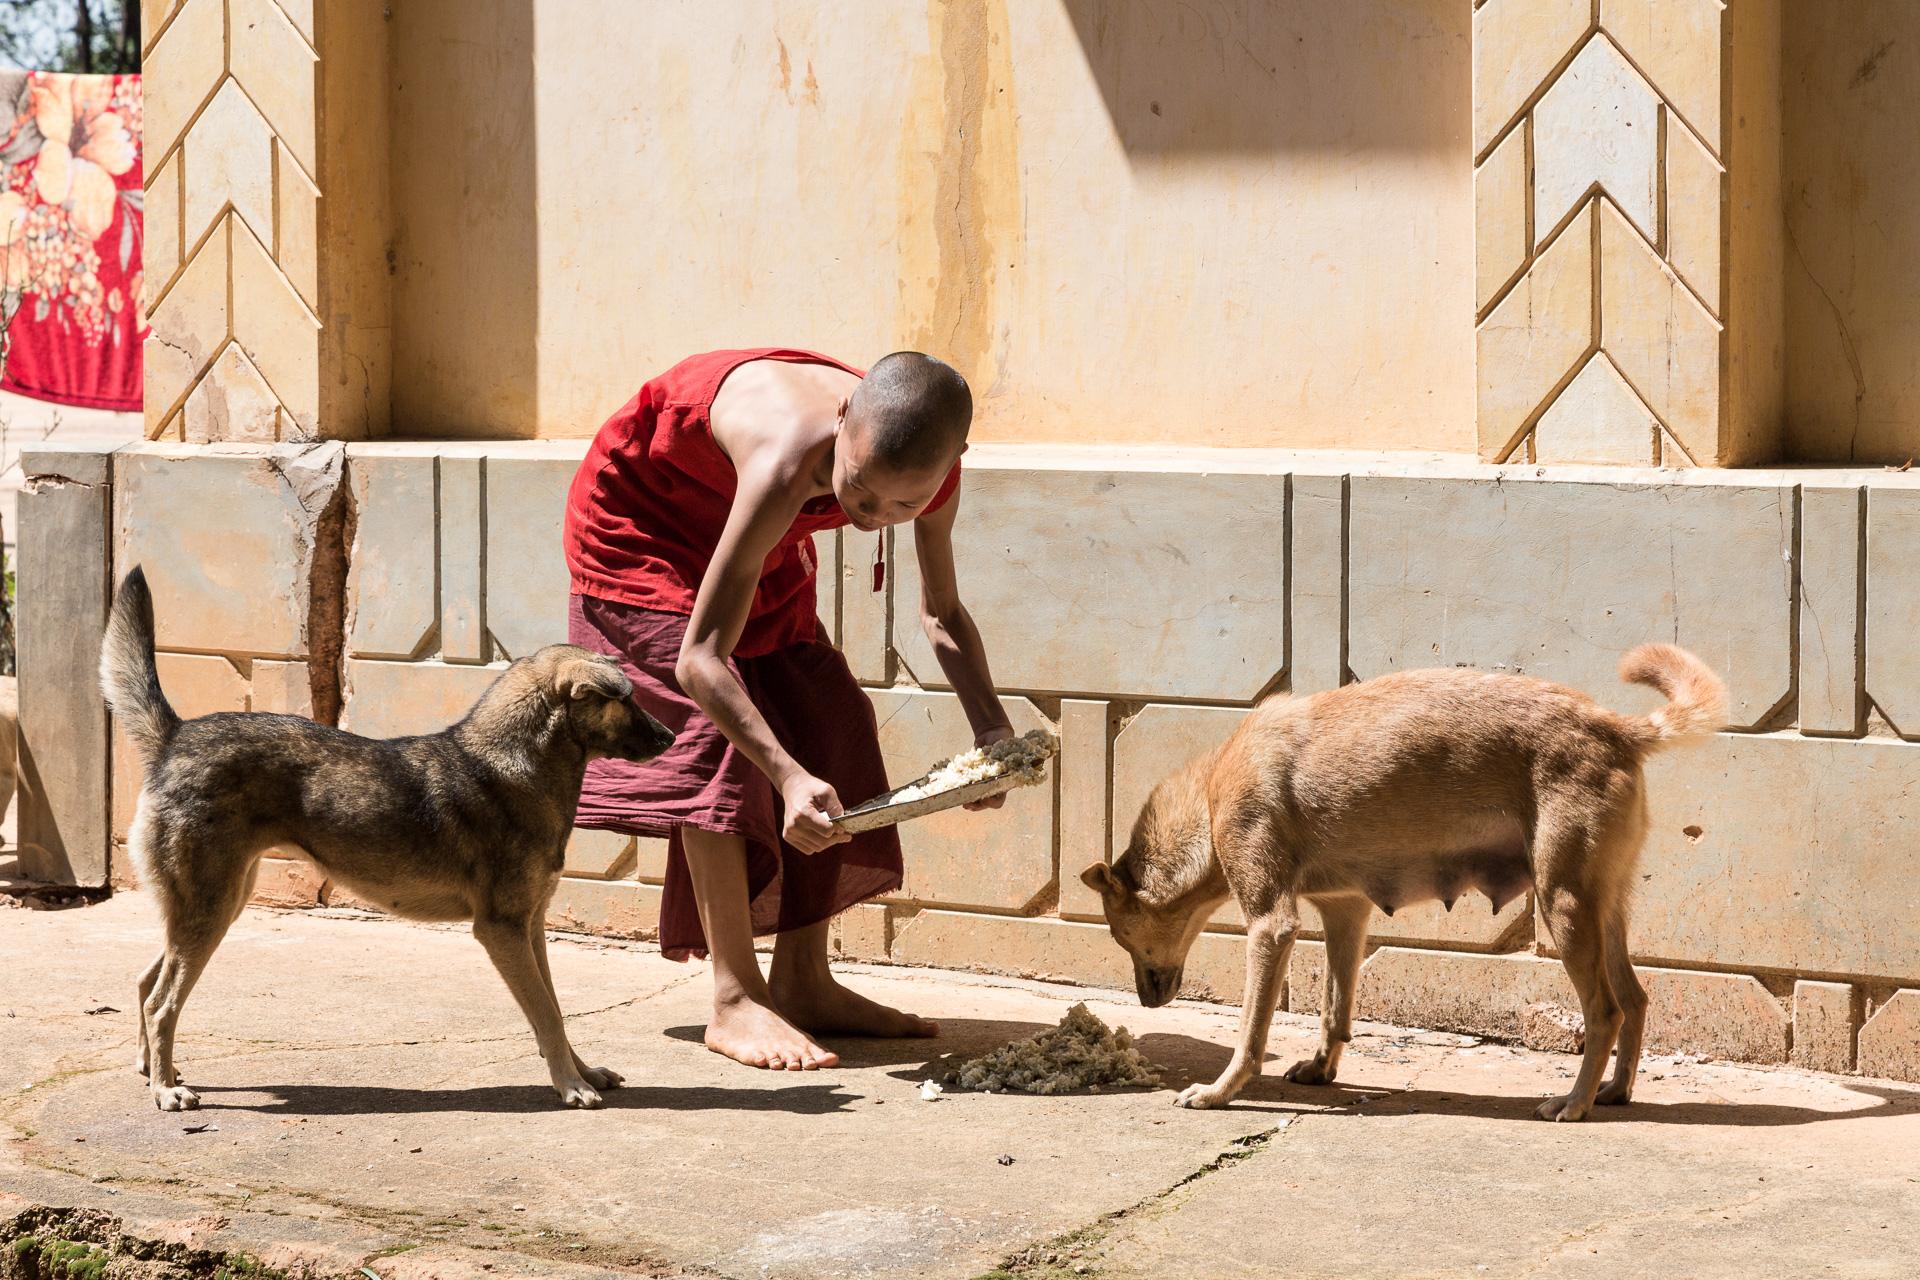 myanmar-reportage-wisckow-035.jpg